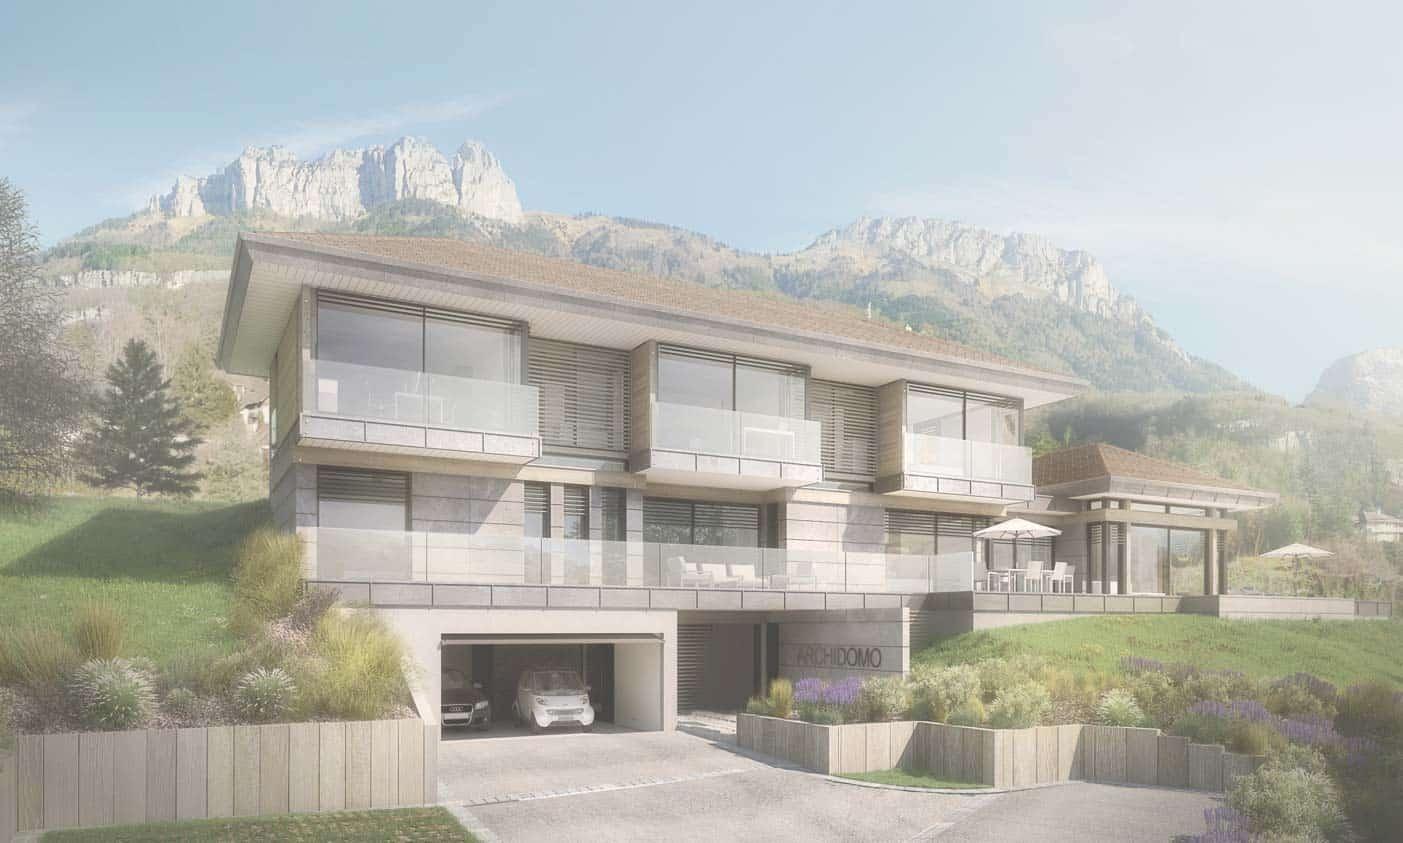 Talloires - Maison d'architecte, villa contemporaine - Archidomo - architecture Annecy Lyon Paris